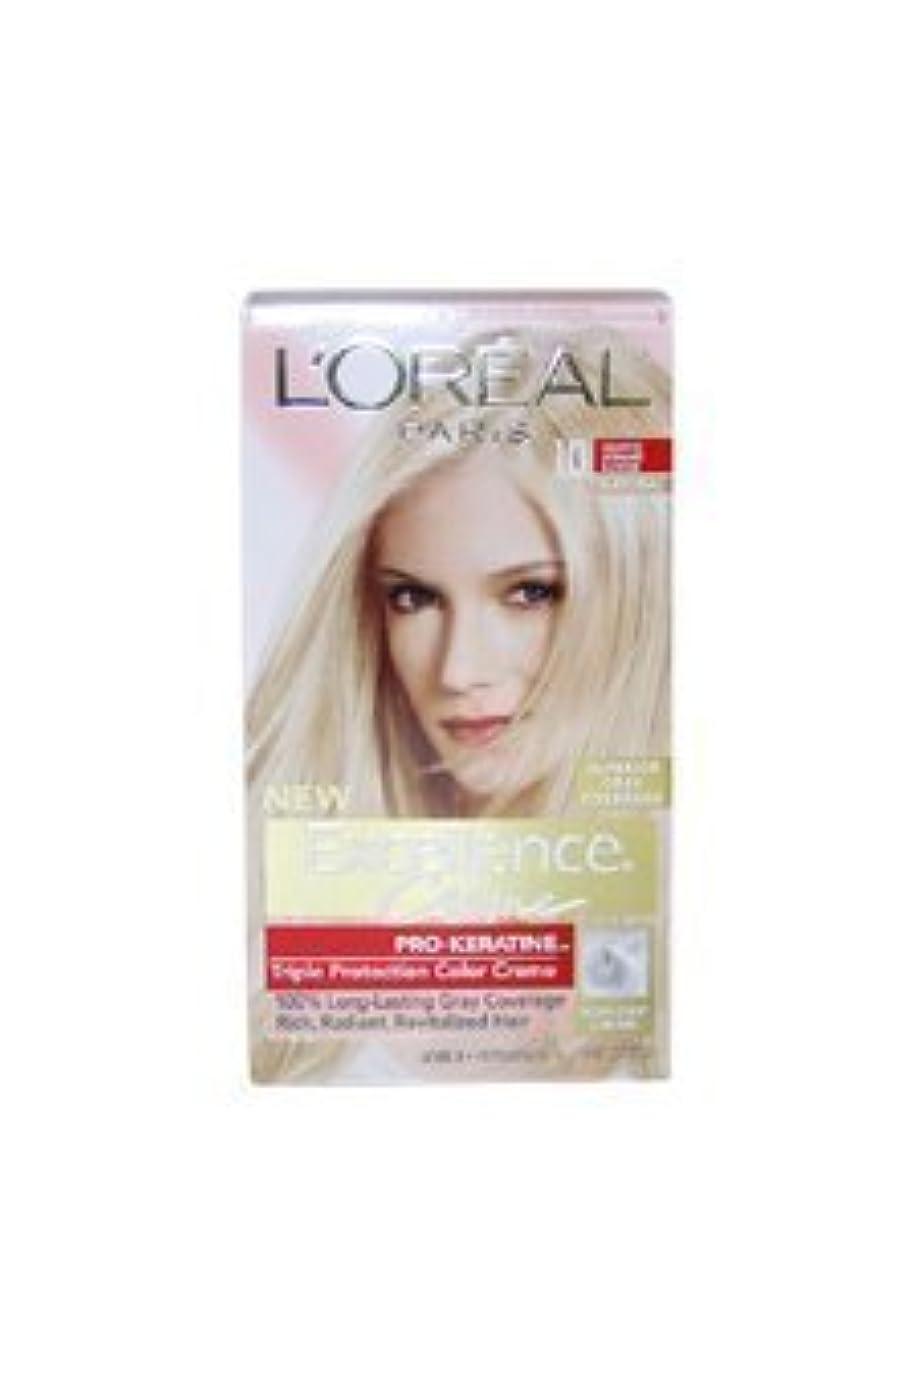 ポケットヨーグルト怪物Excellence Creme Pro - Keratine 10 Light Ultimate Blonde - Natural by L'Oreal - 1 Application Hair Color by L'Oreal...